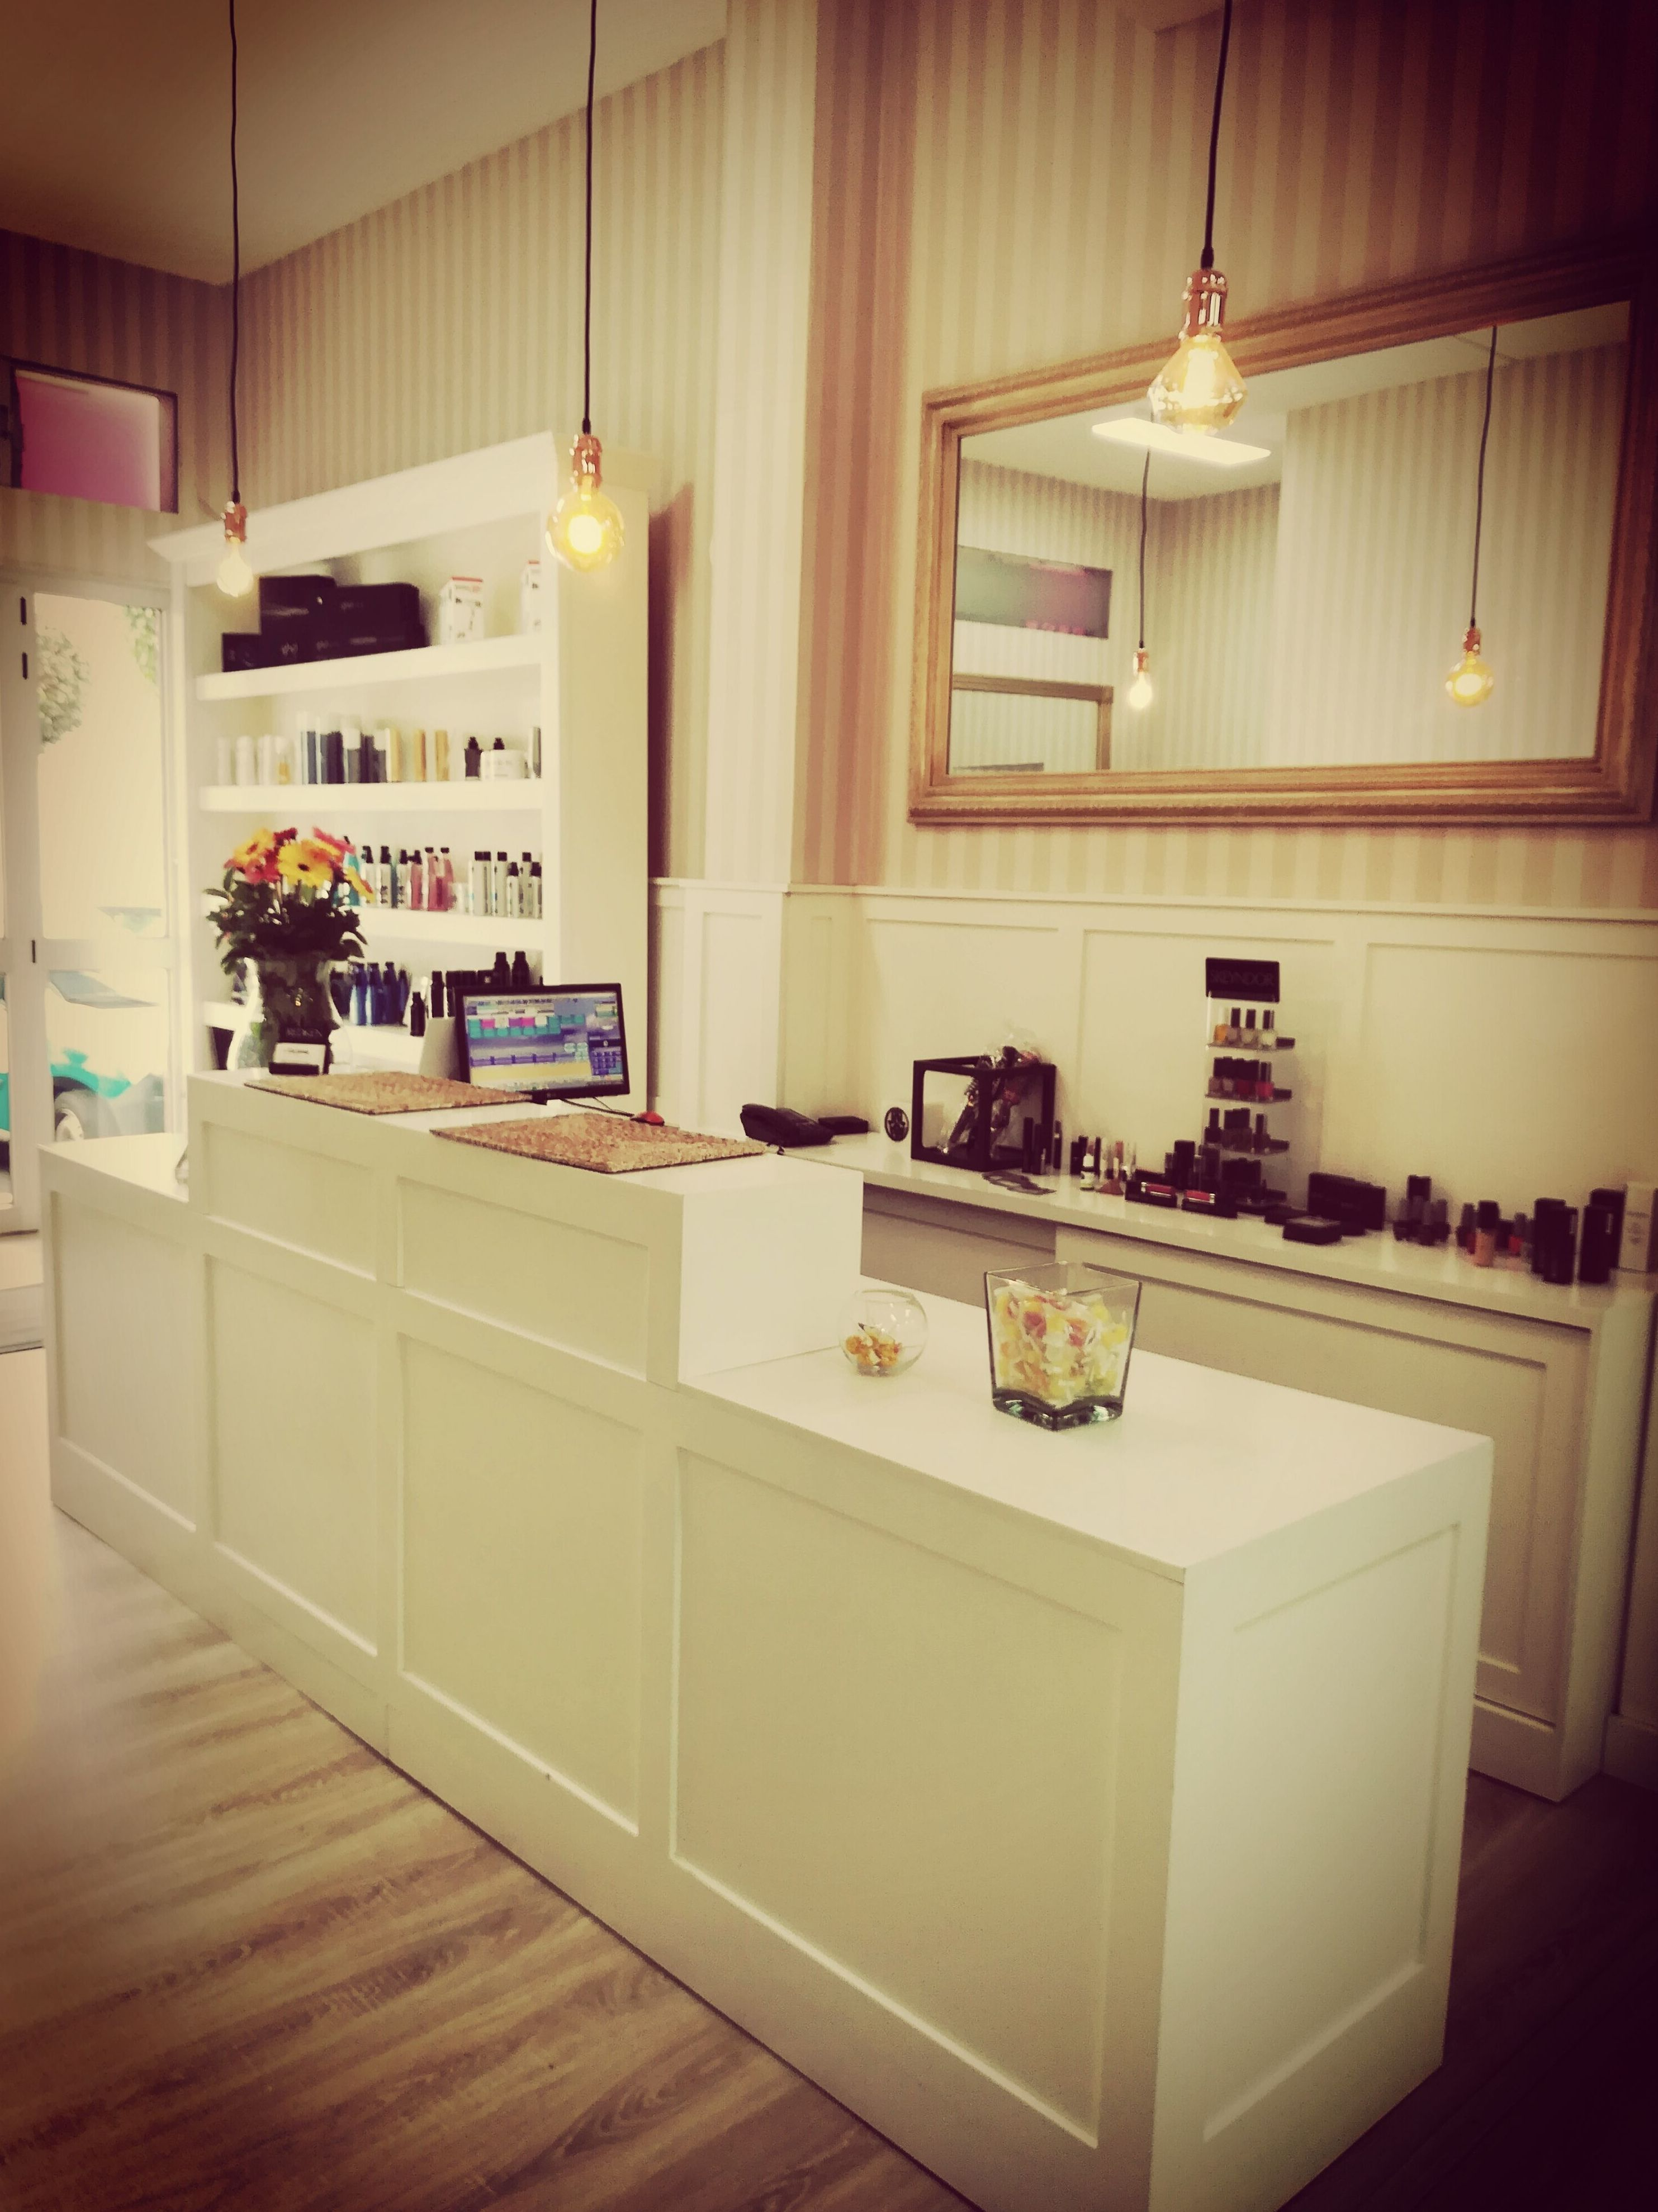 Foto 1 de Salón de belleza, peluquería y estética en Arucas | De´Pinie Peluquería